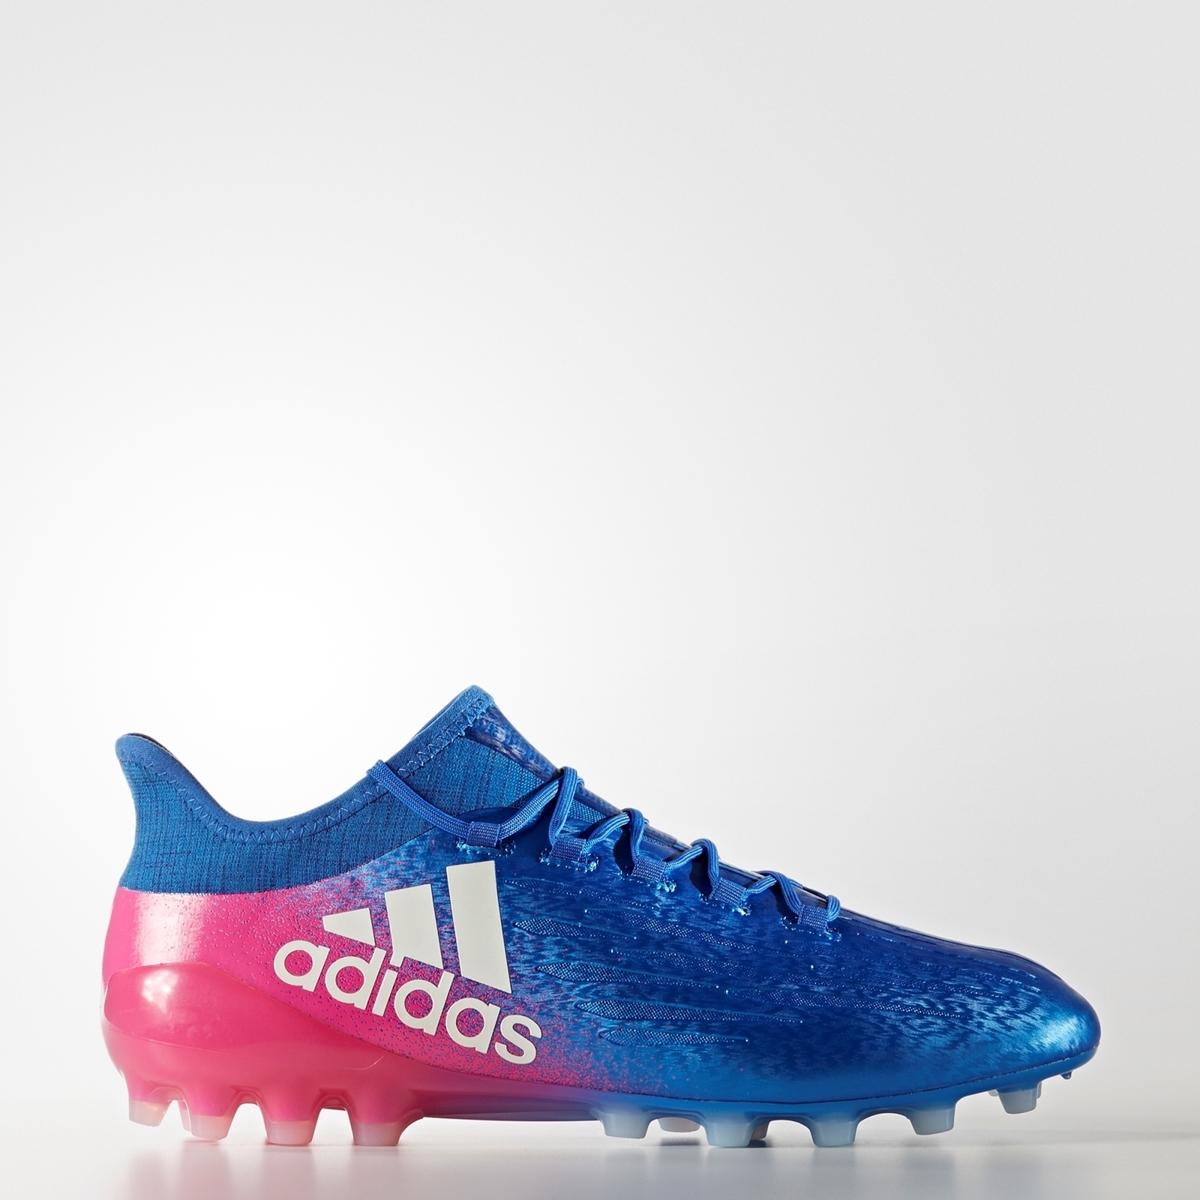 a015d780 ... sale retailer 528d1 88dbf Bilde av Adidas X 16.1 AG blueftw blueftwwht